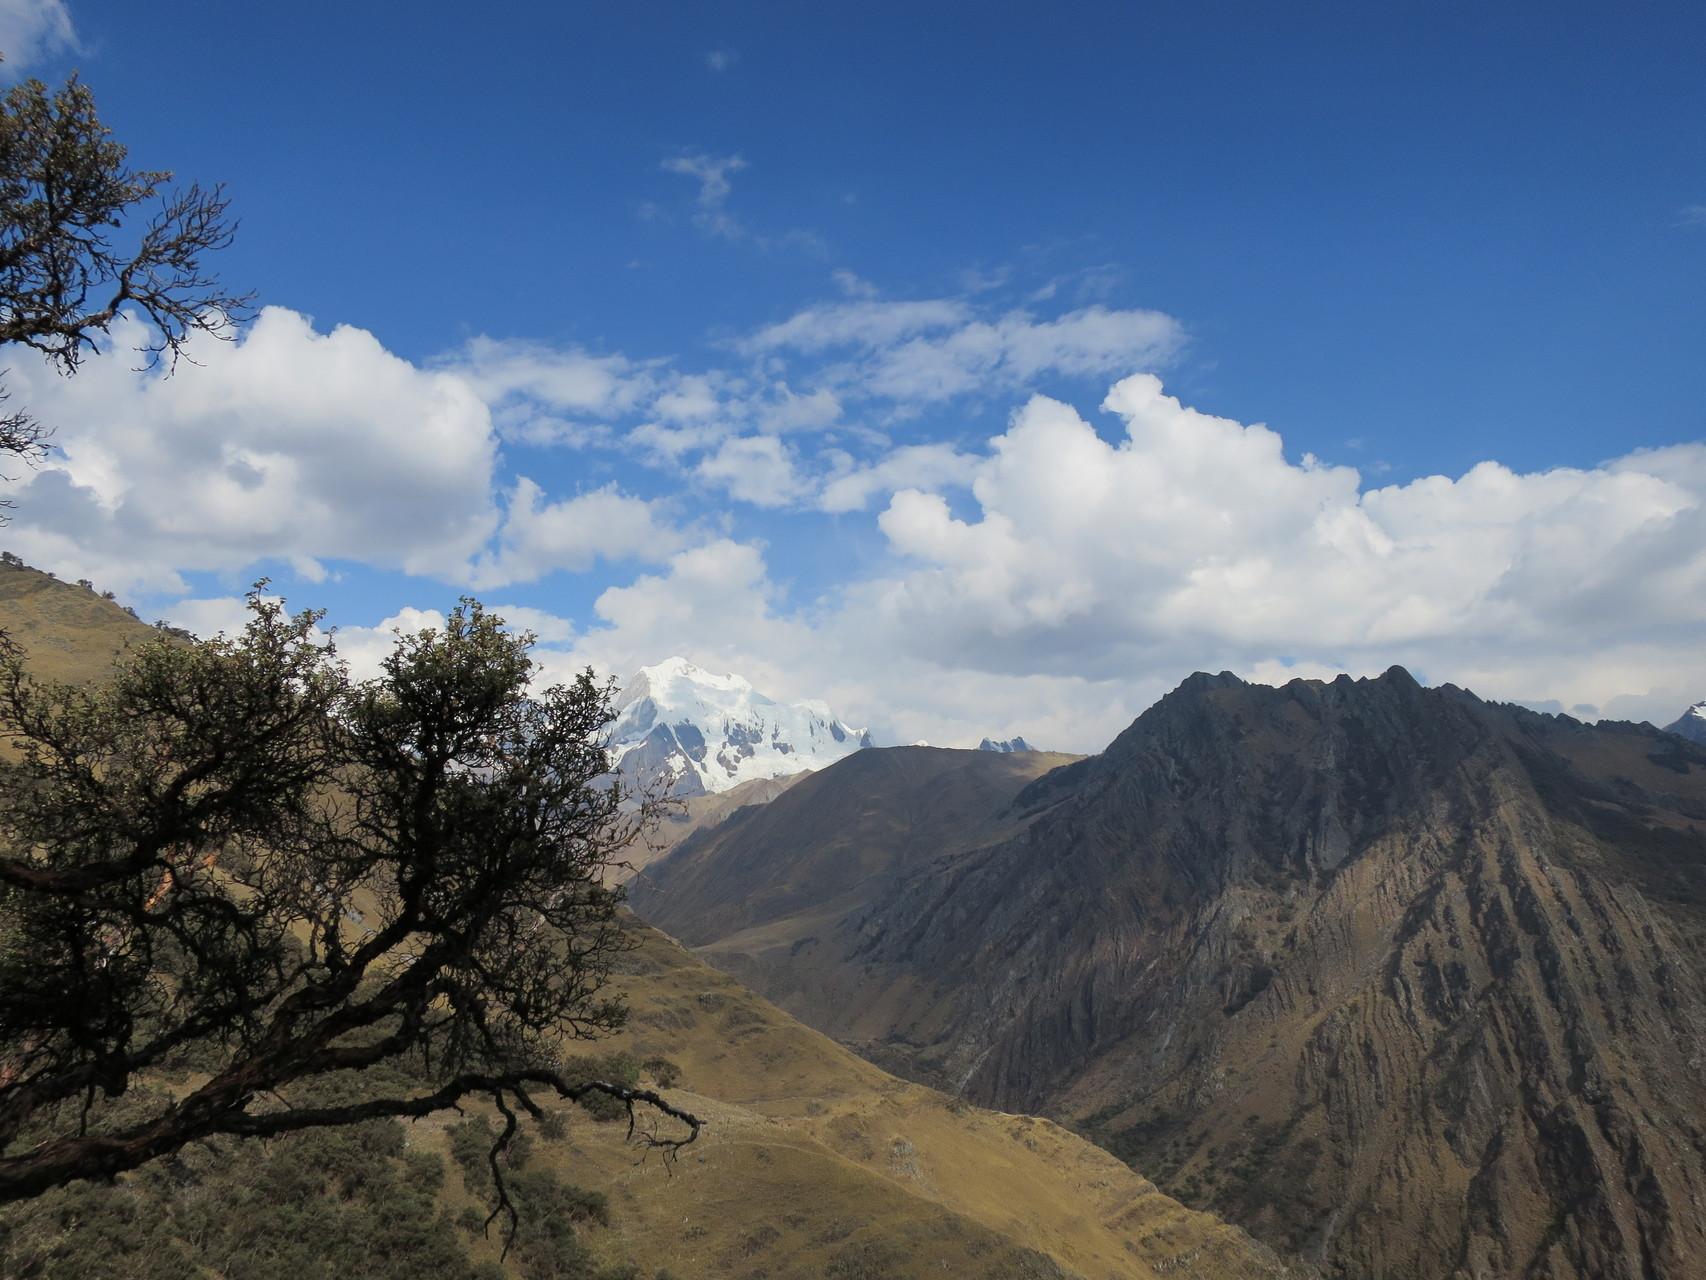 Rückblick zur Cordillera Huayhuash mit dem Rasac und dem Yerupaja